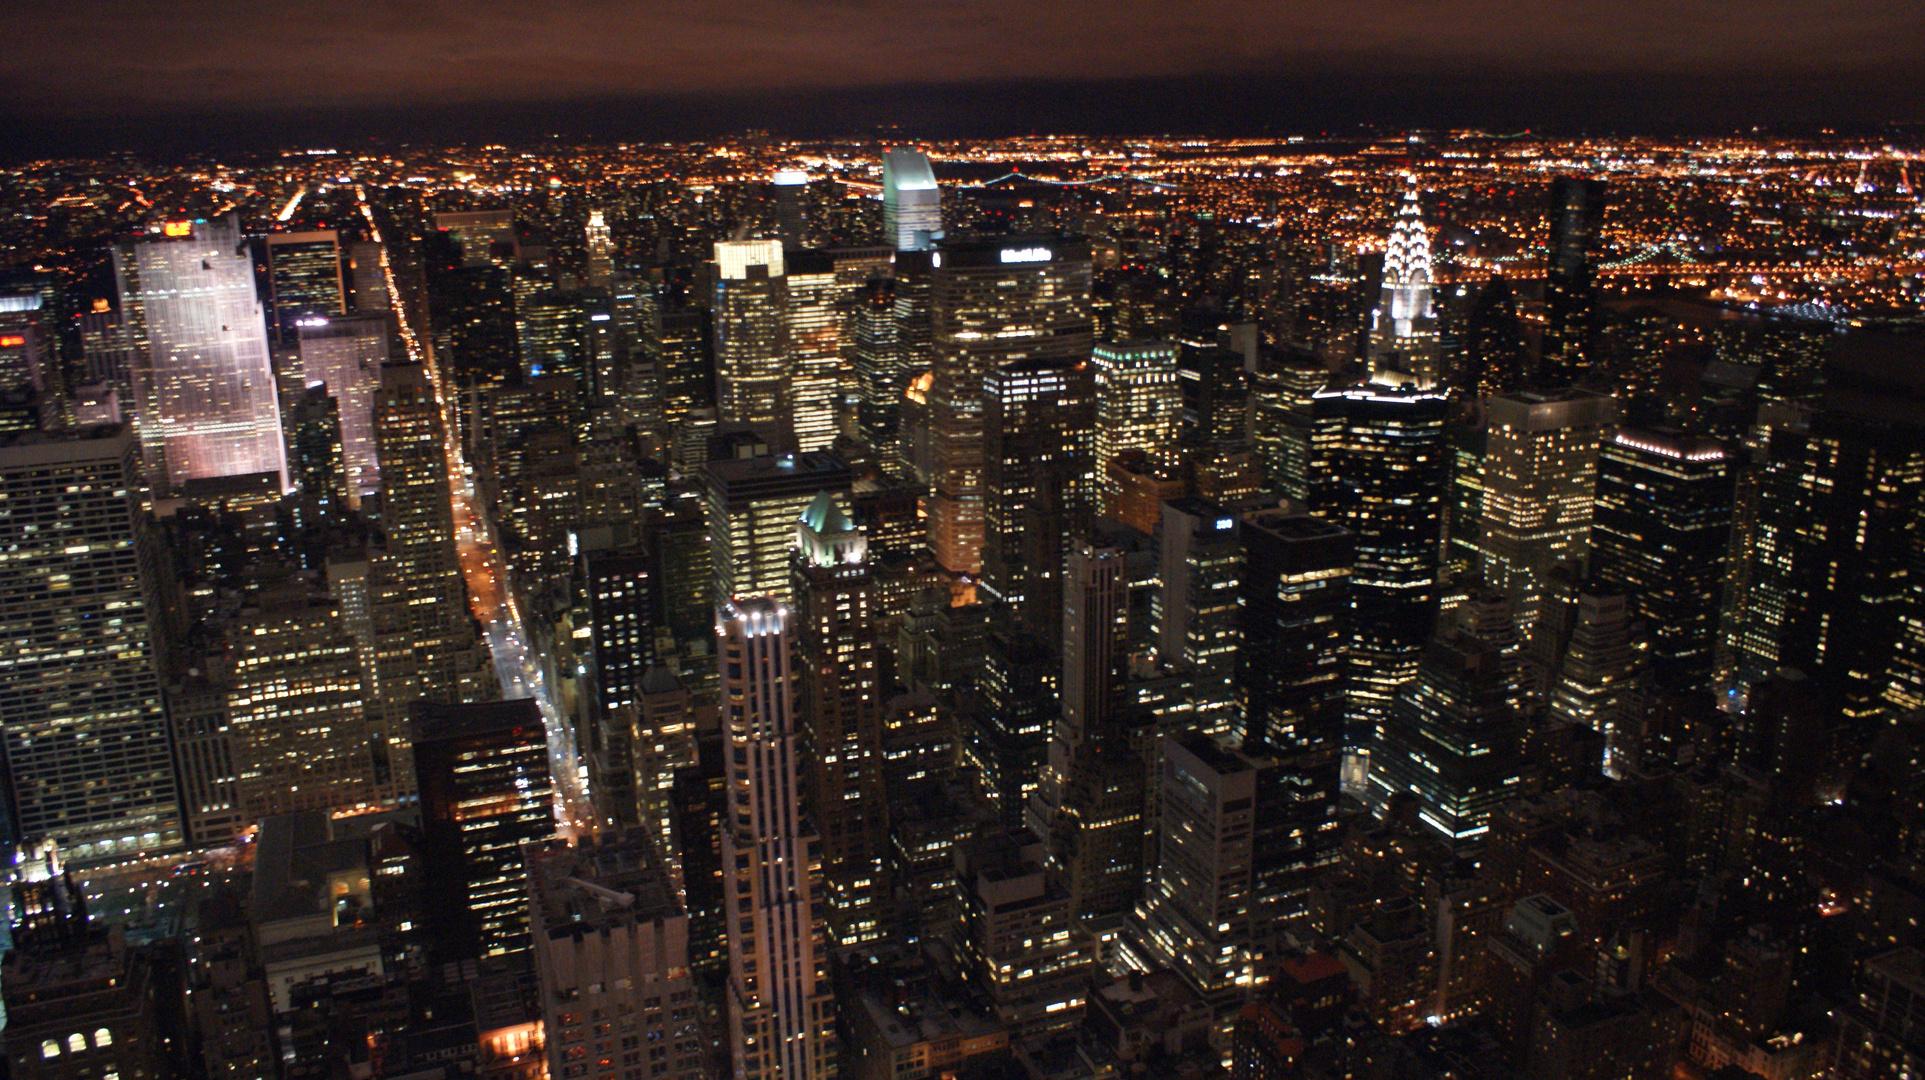 Manhattan nightview